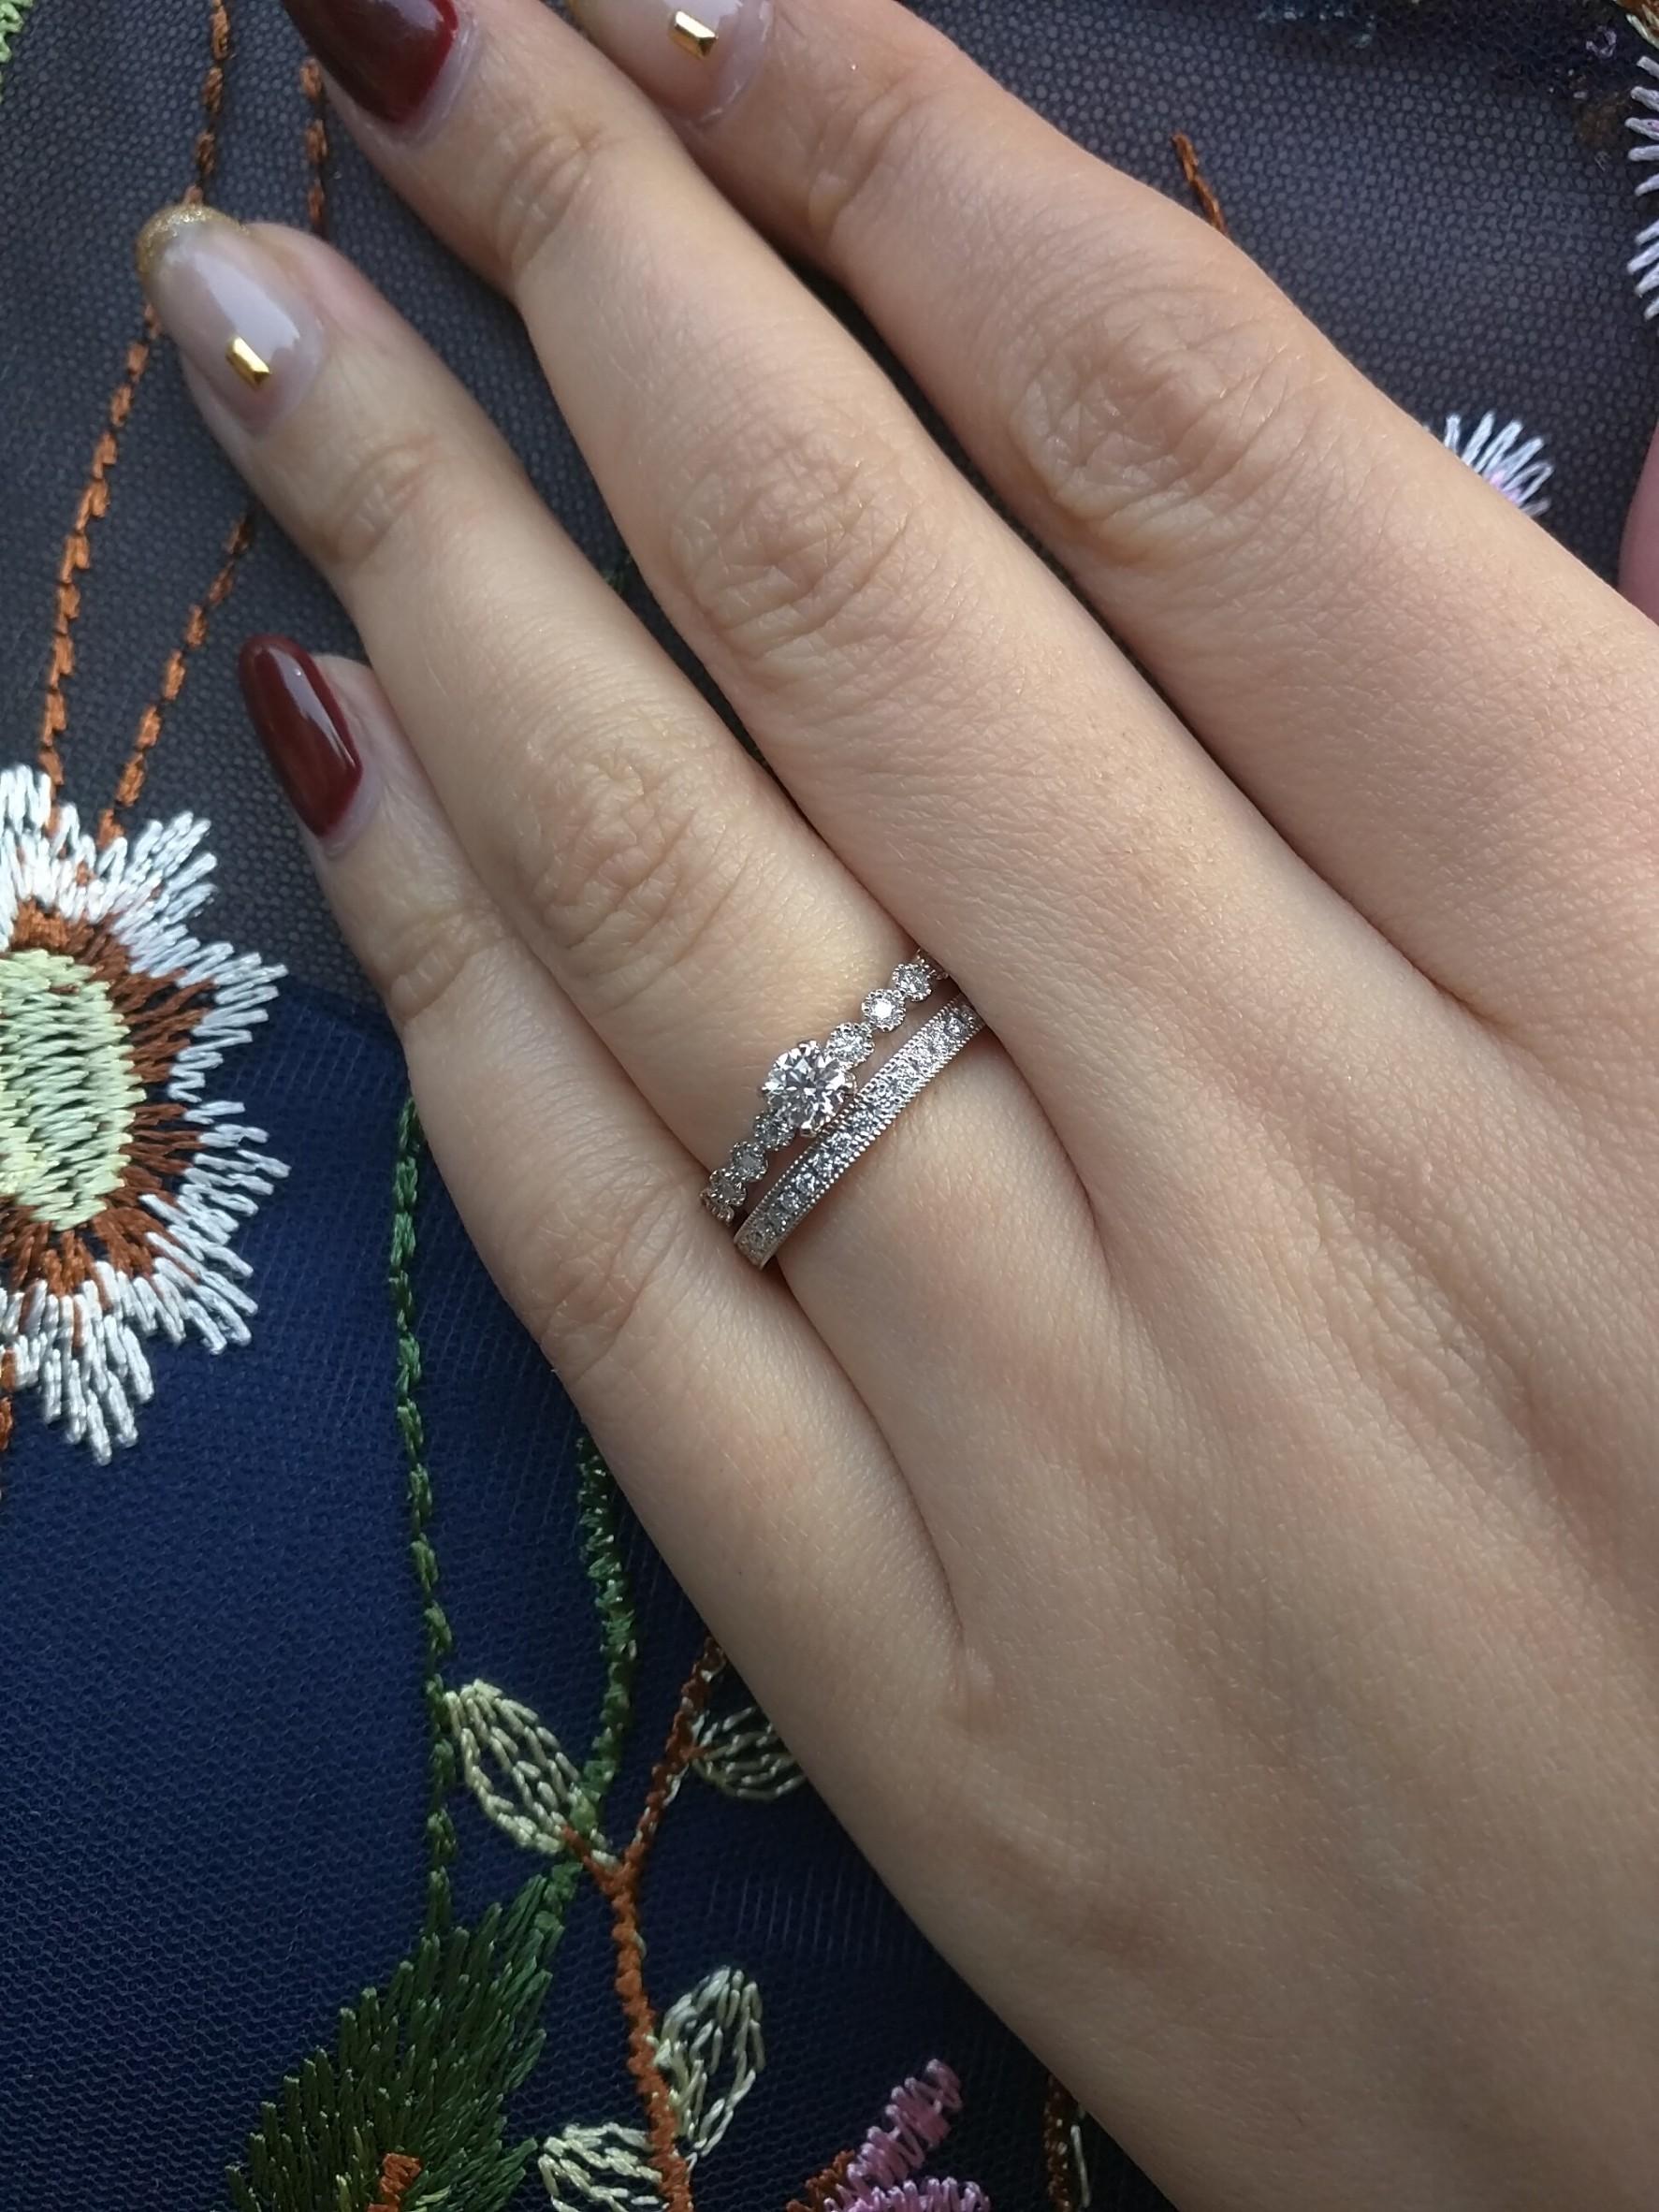 銀座BRIDGEで見つけるアンティーク調ミルグレインの可愛い婚約指輪、結婚指輪